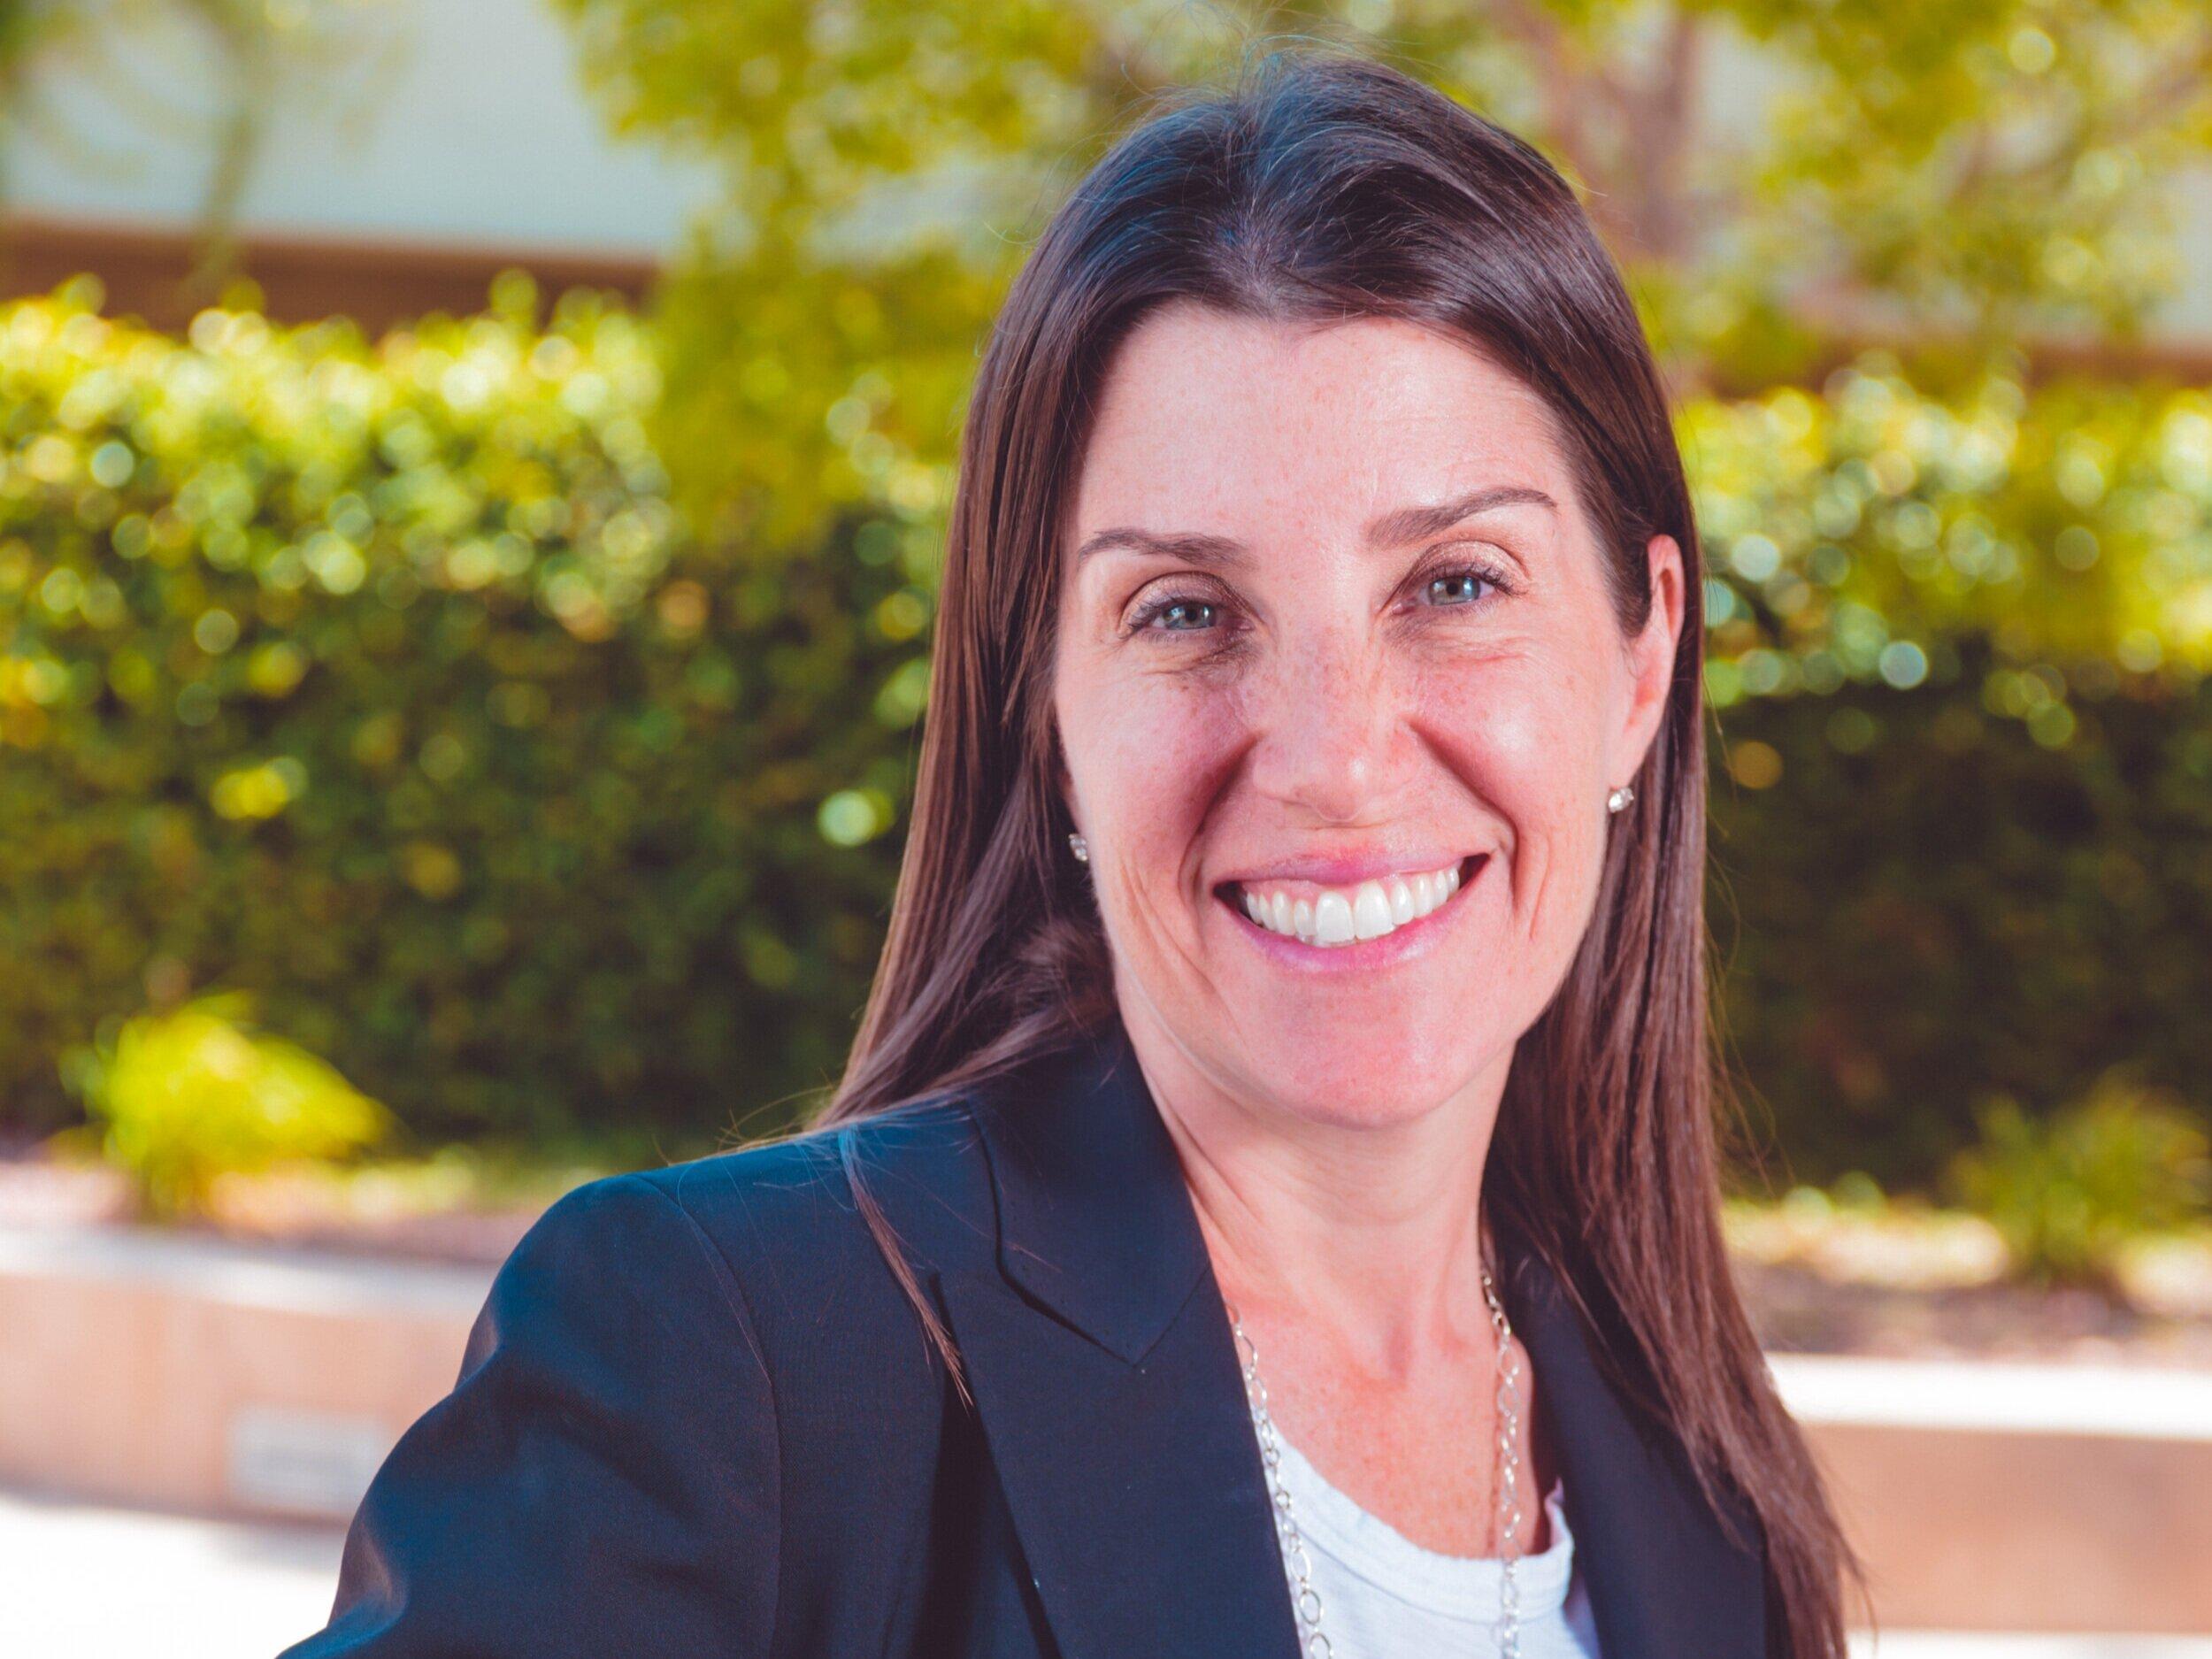 杰西卡·芬卡毕业于哈佛大学法学院,是一名法学教授, 杰西卡将法律和教育方面的专业知识带到托管机构.